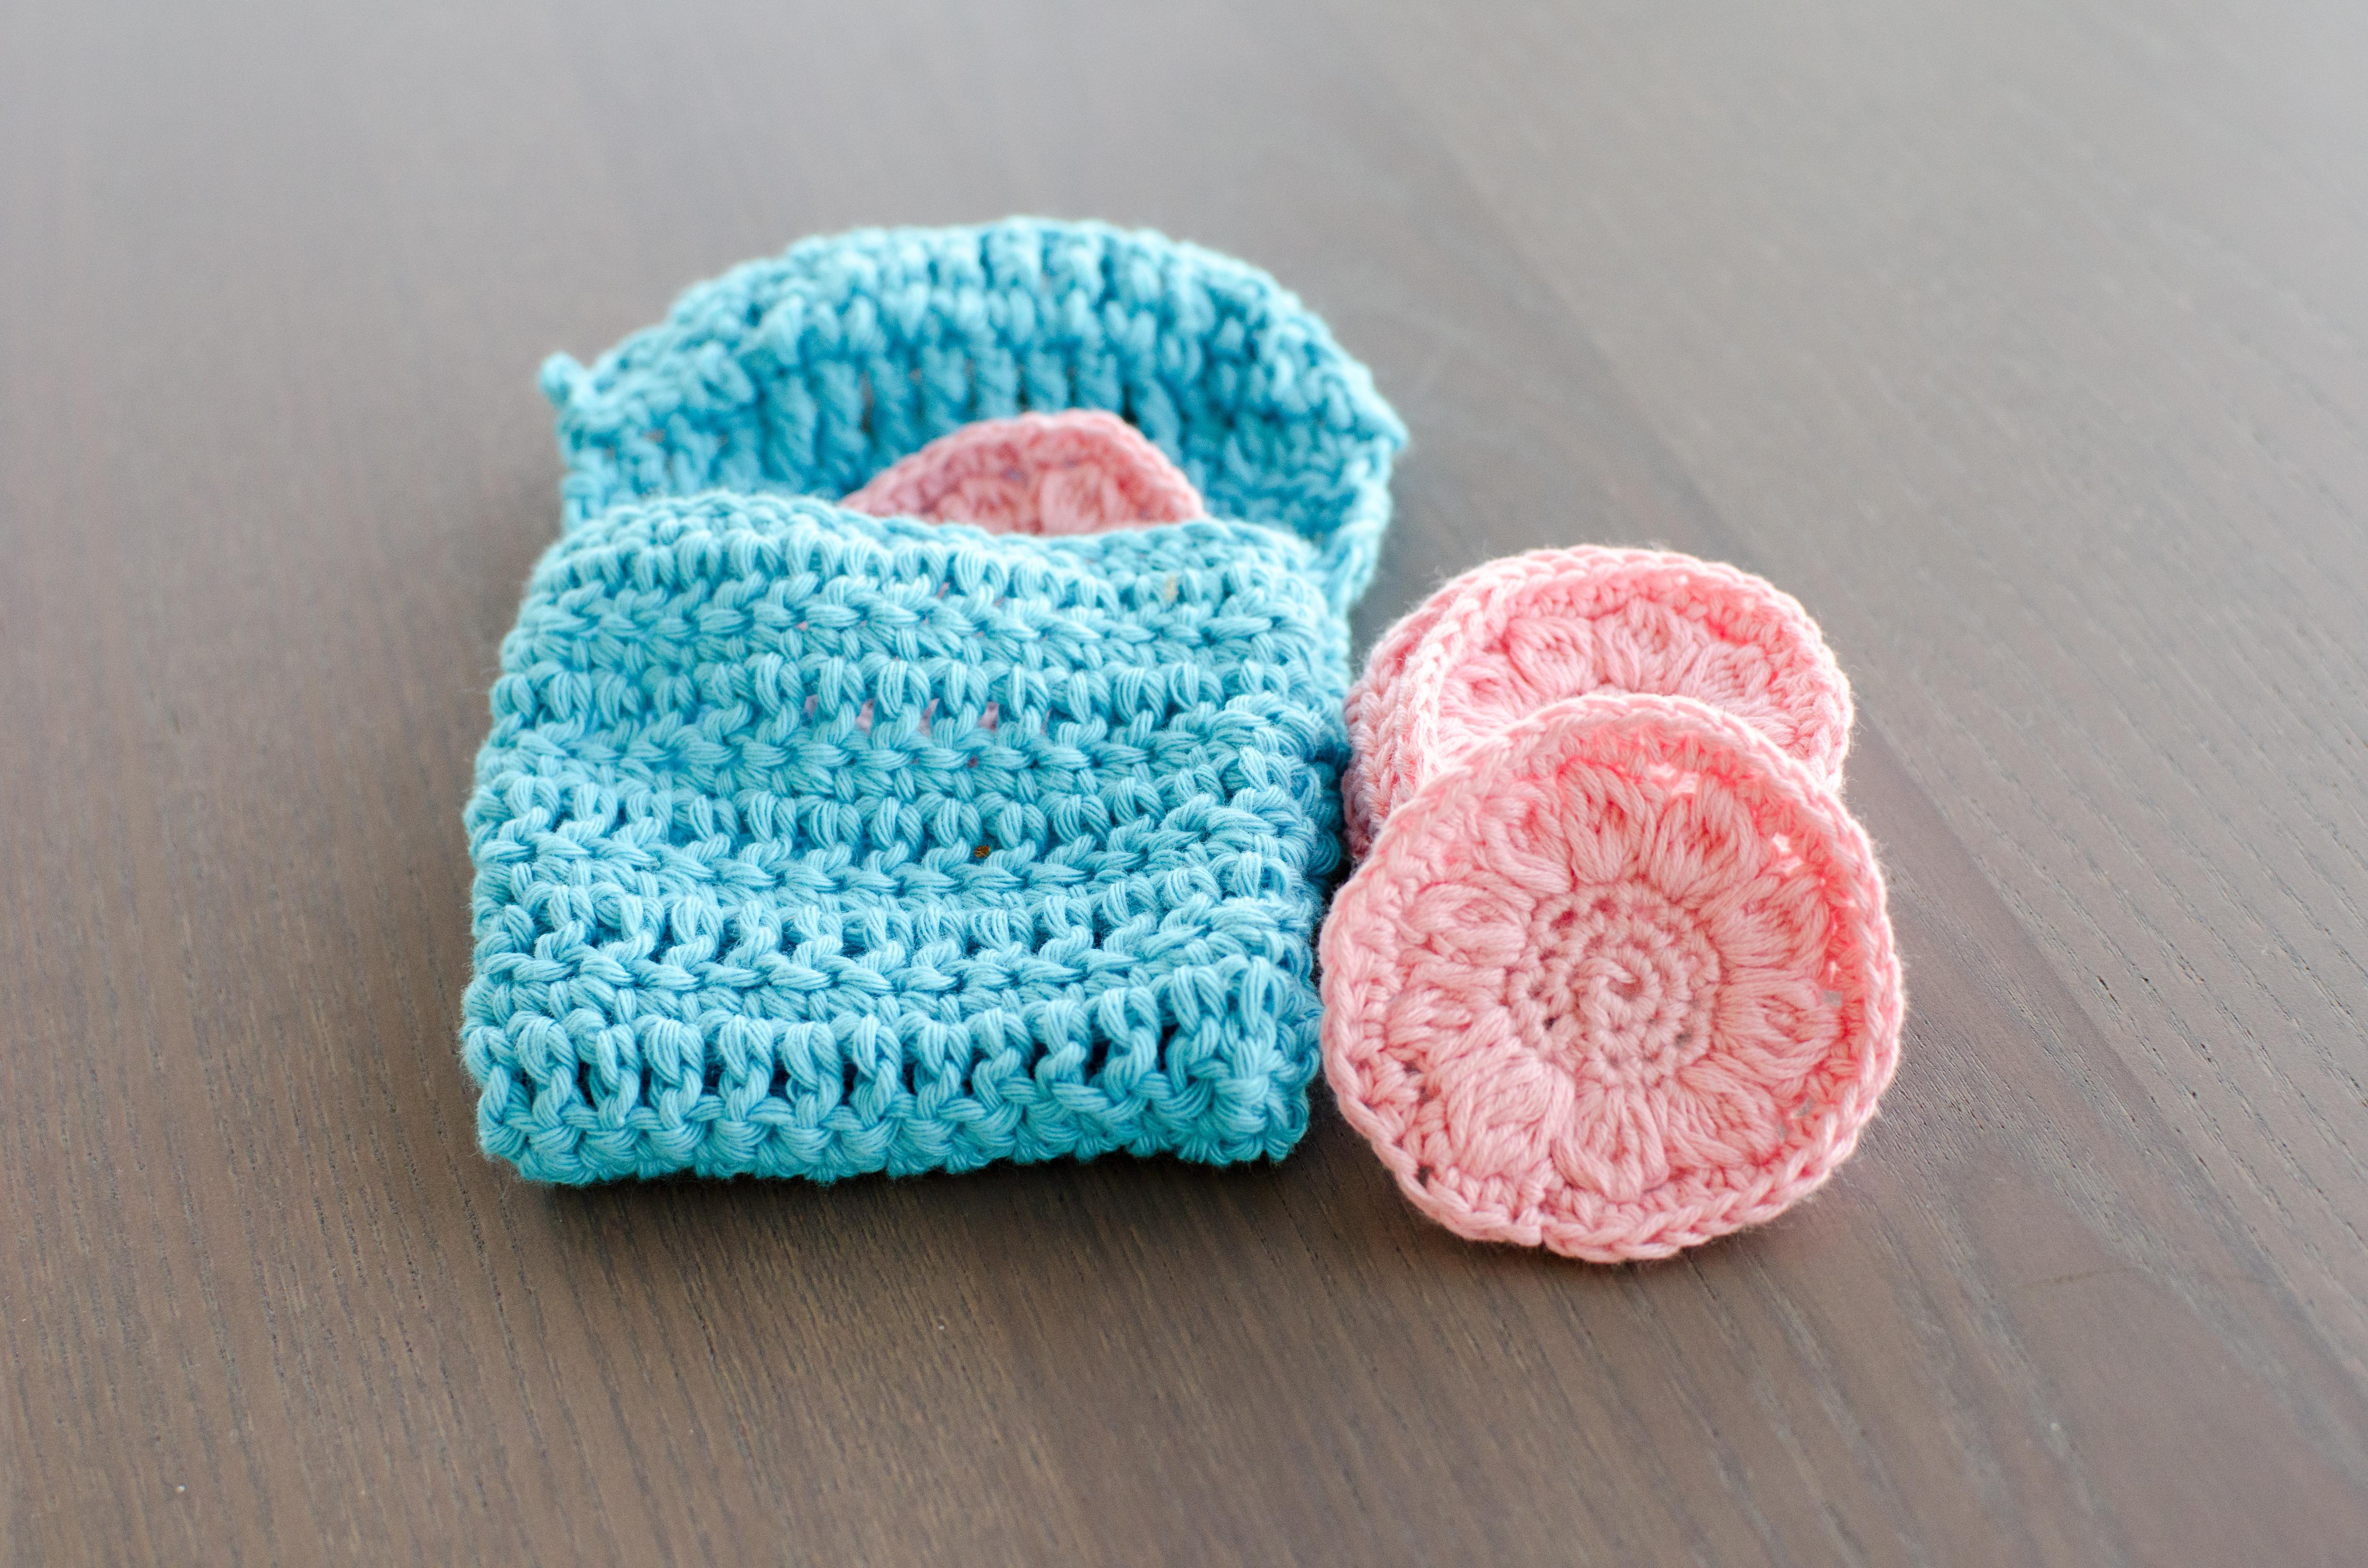 Flower face scrubbies - free crochet pattern